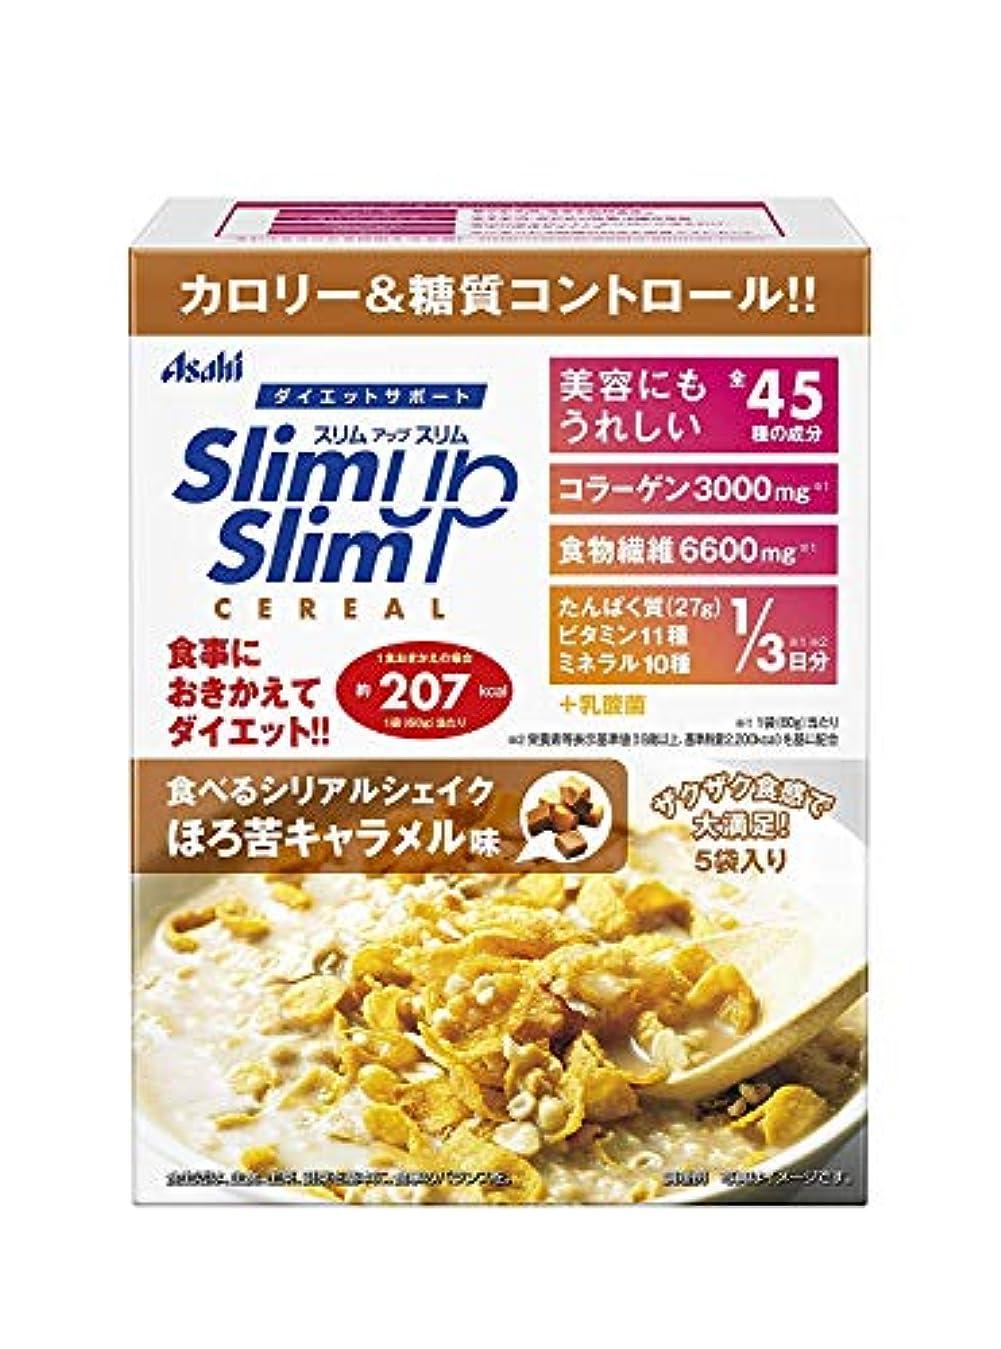 単独でまとめる仲間スリムアップスリム 食べるシリアルシェイク ほろ苦キャラメル味 300g (60g×5袋) ×5